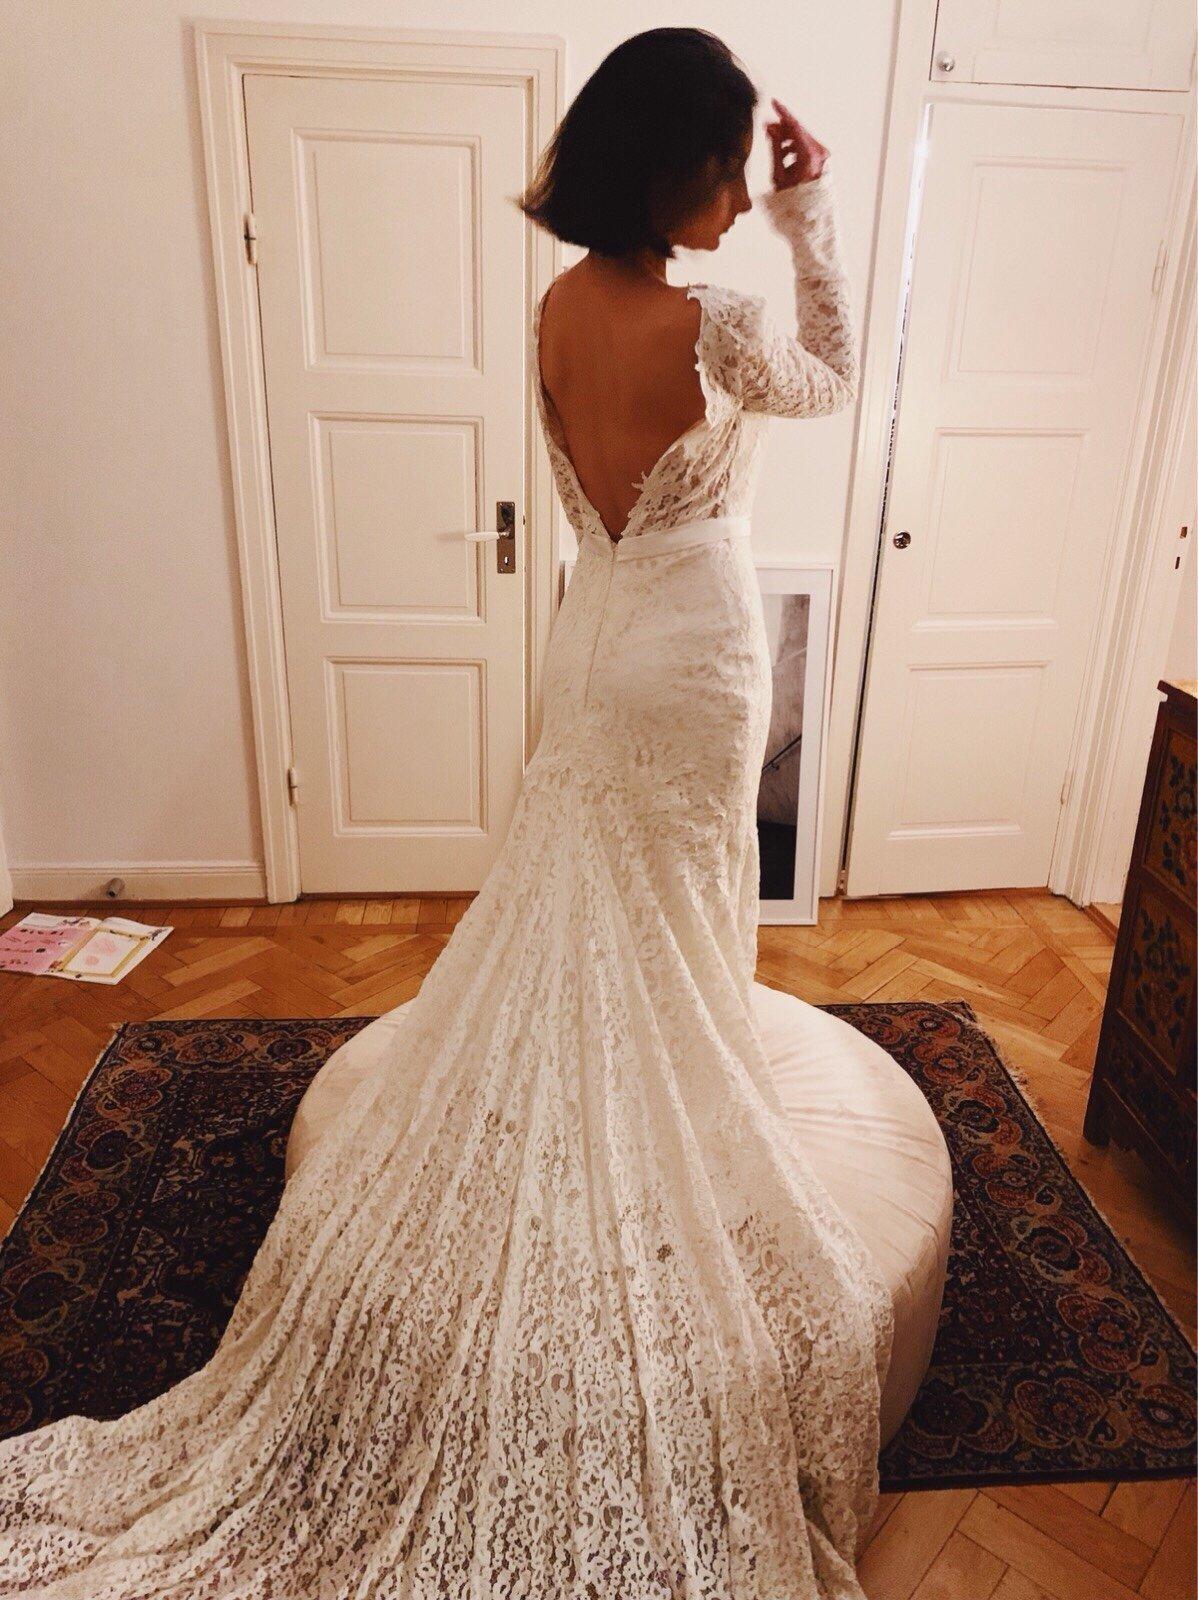 Långärmad brudklänning 2019 Höst | Brudklänning, Brud